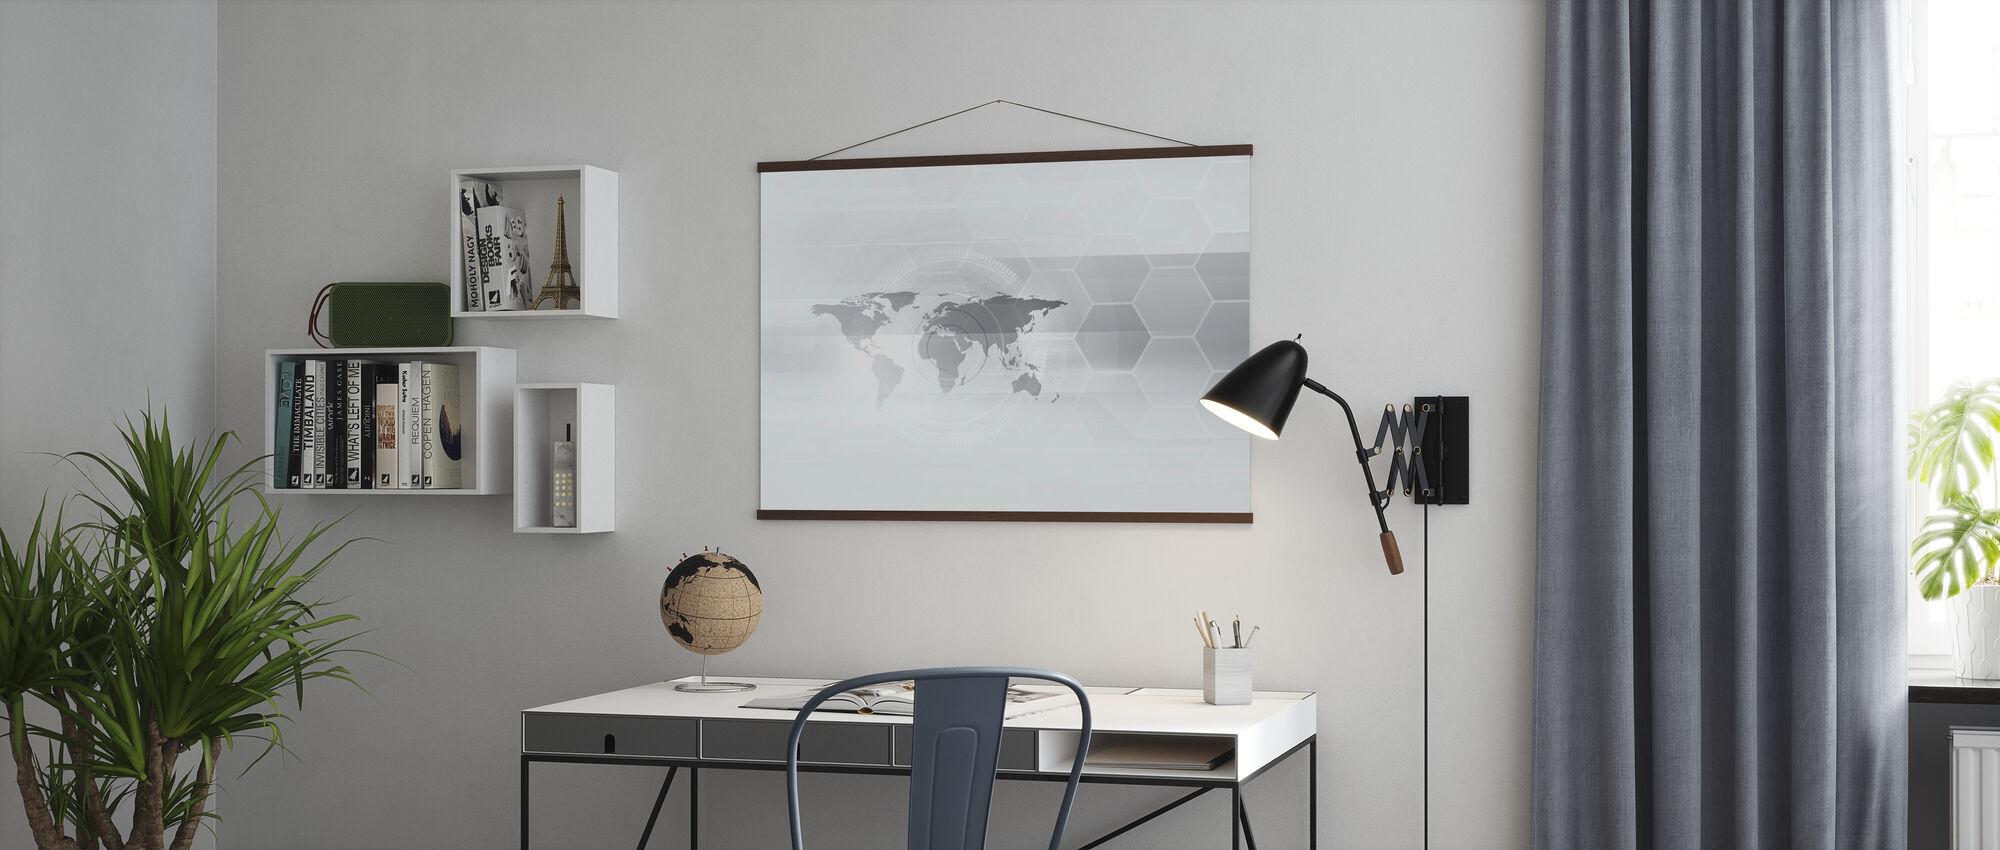 Hexagon World Map - Poster - Office